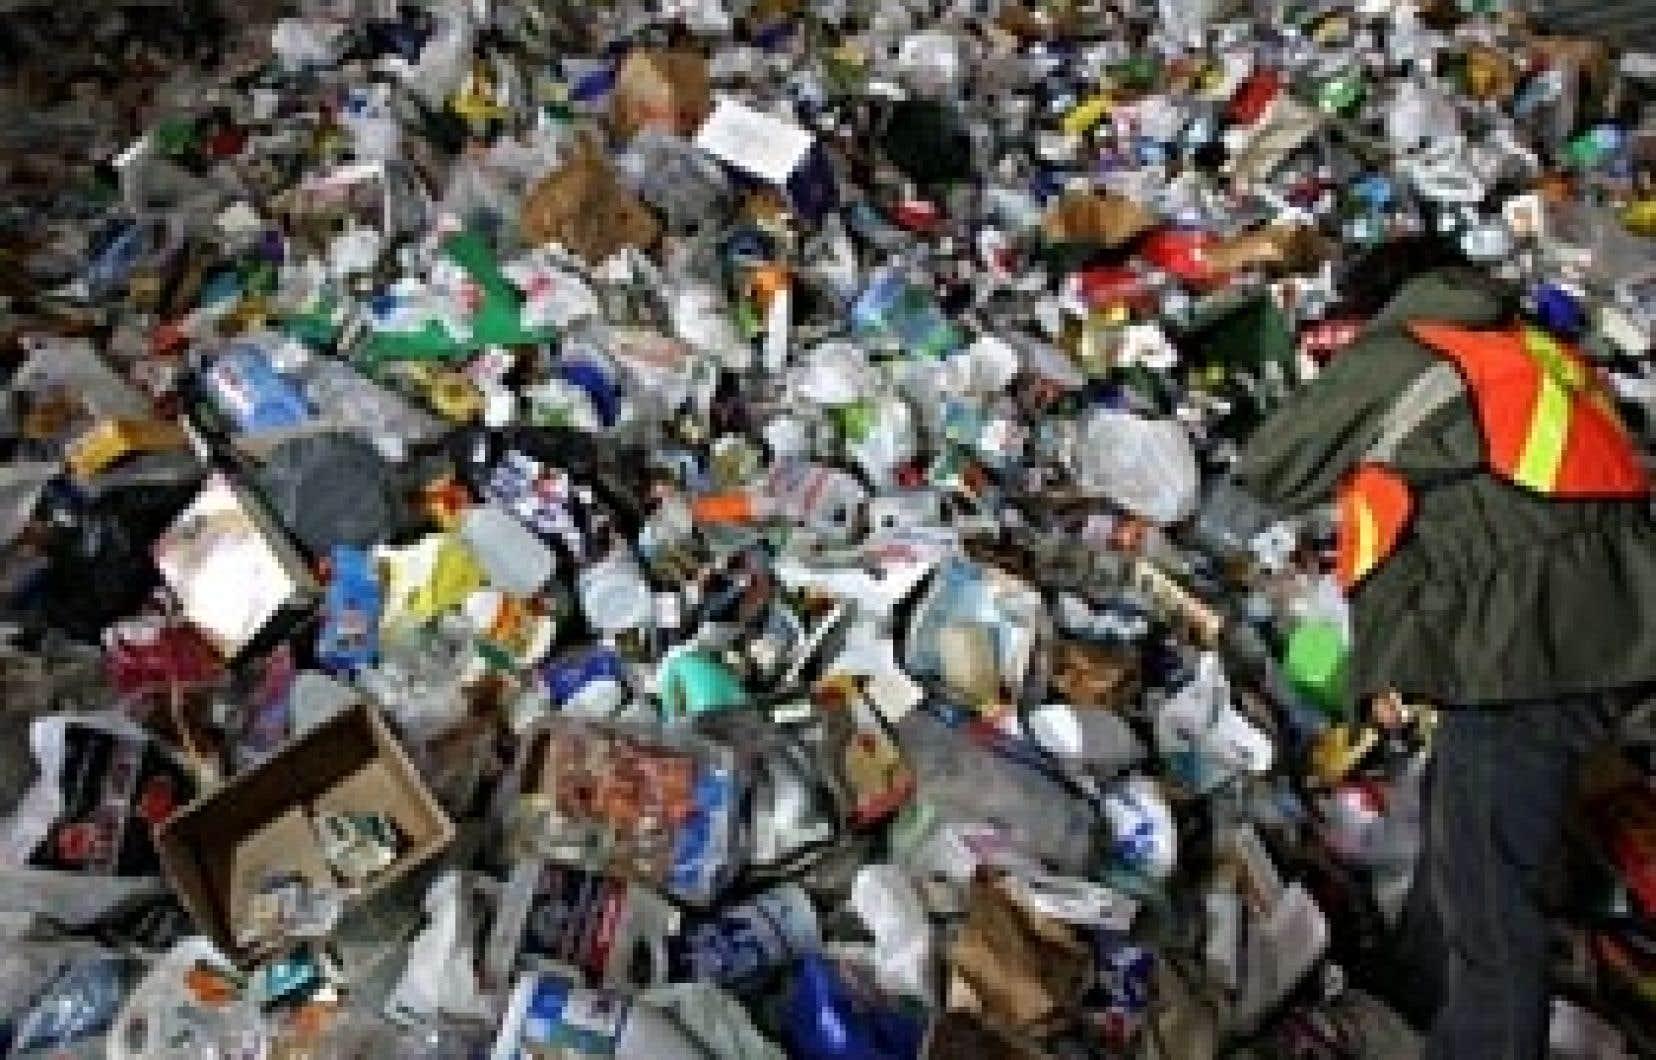 Le centre de récupération des matières recyclables de Montréal. Pour les écologistes, postuler qu'une fois atteint le taux de 60 % des matières recyclables, tout le reste n'a plus qu'à être envoyé à la destruction finale est une erreur.